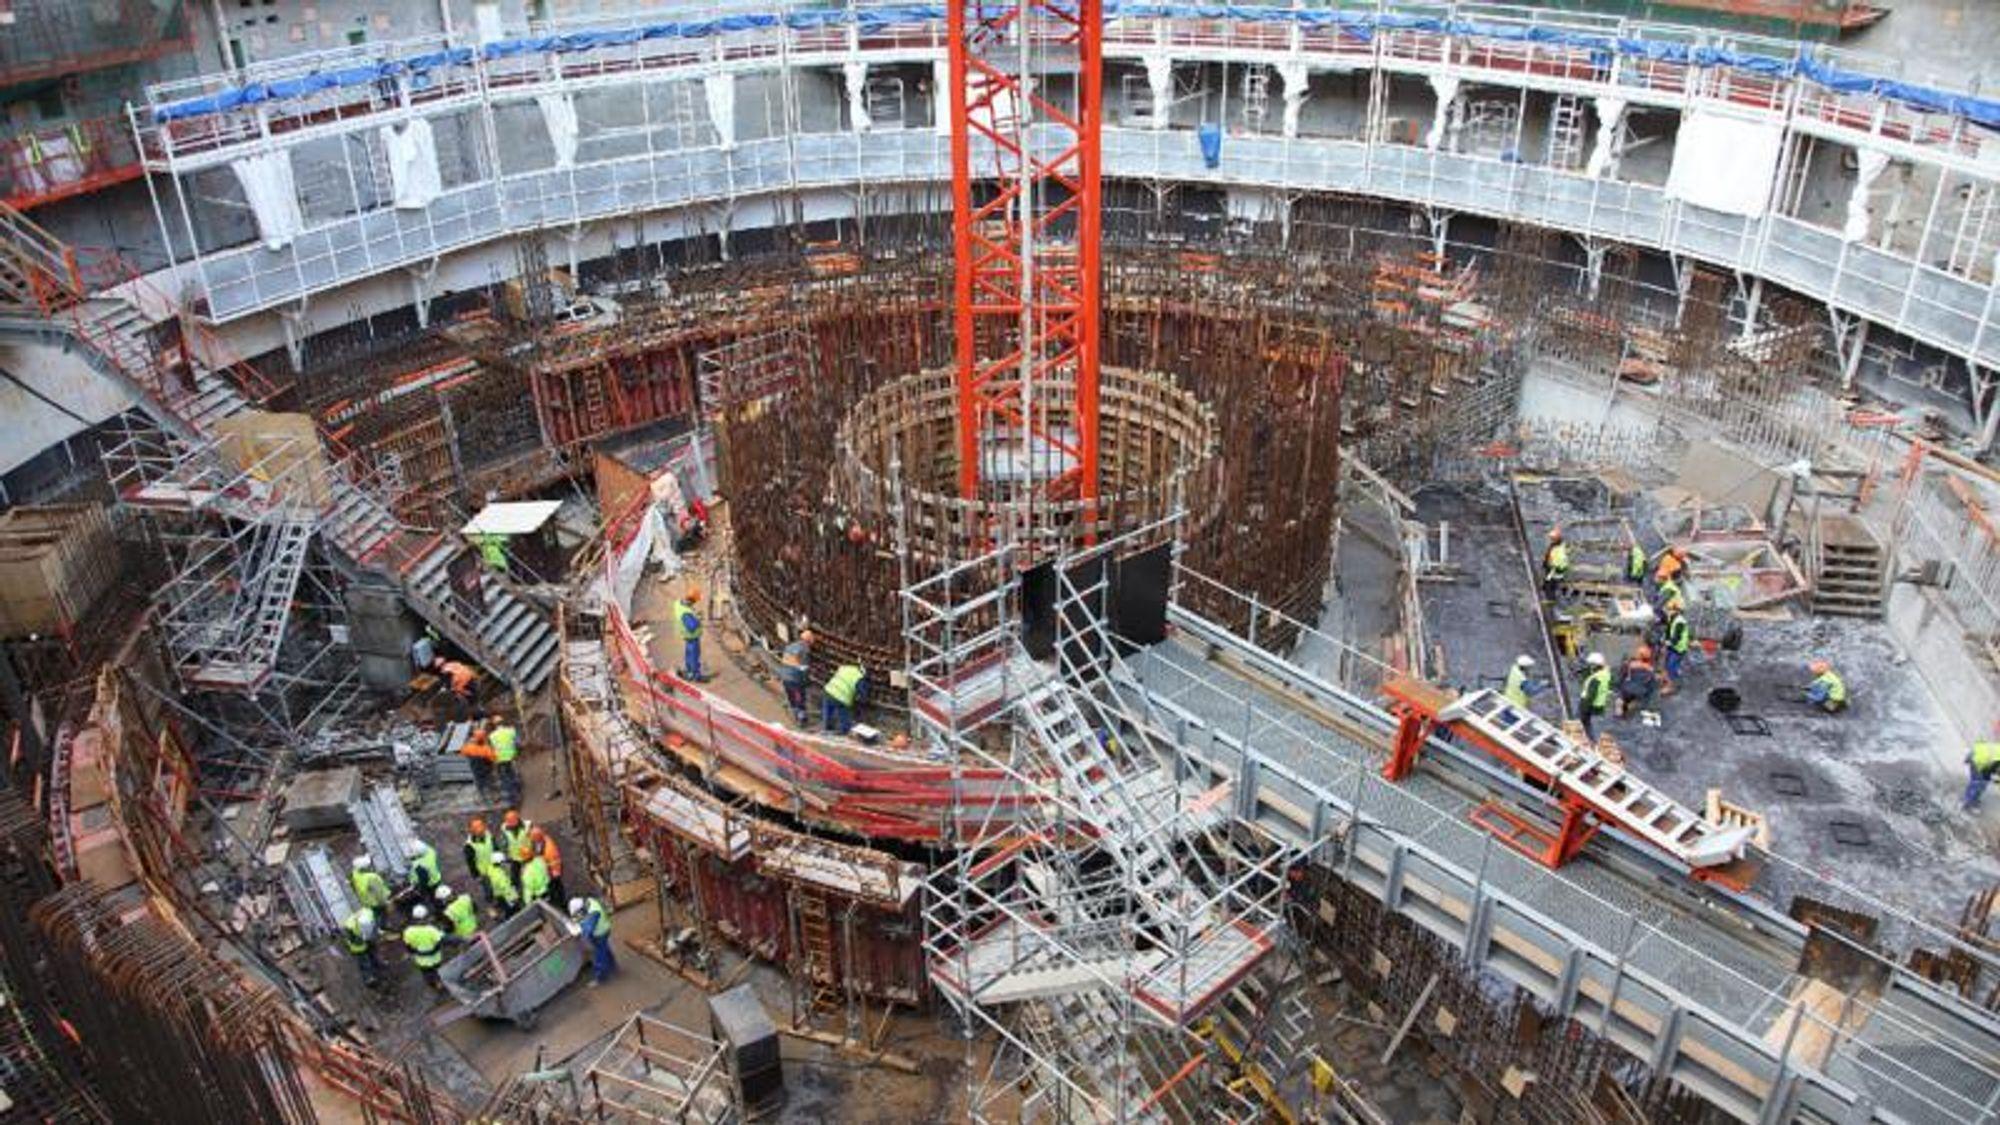 Byggingen av den stadig dyrere og forsinkede EPR-reaktoren i Flamanville gjør vondt for selvfølelsen til det franske energiselskapet EDF.